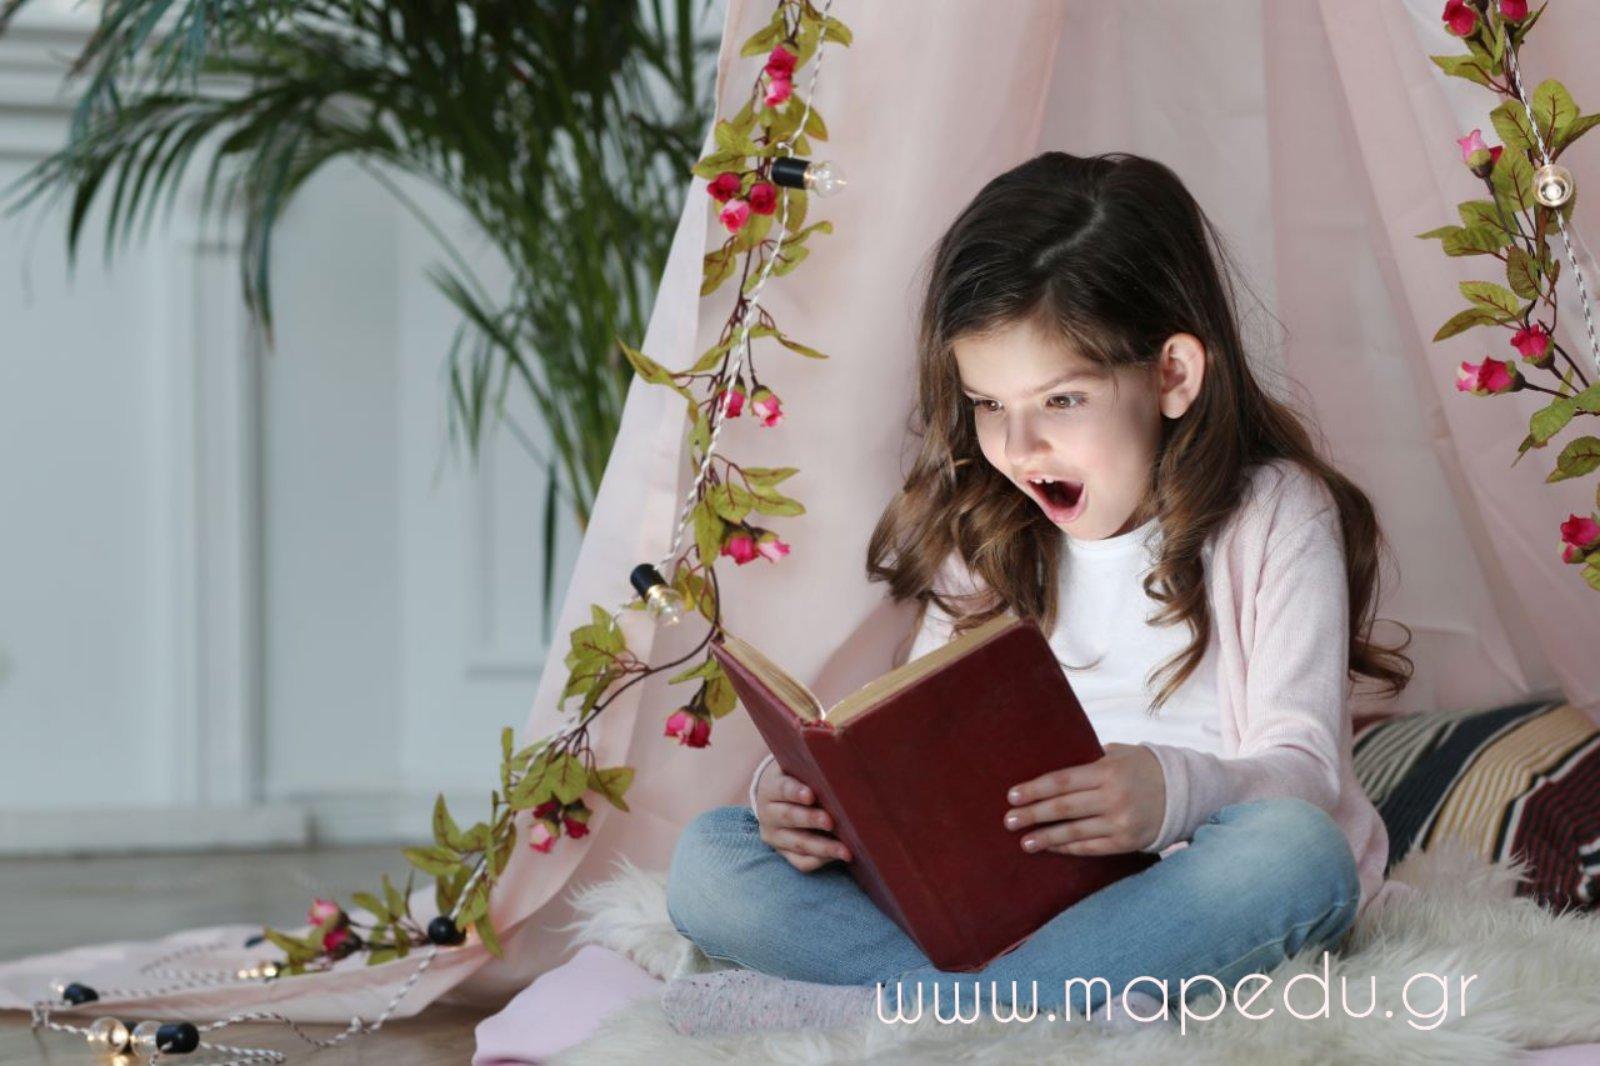 Ενθαρρύνετε το διάβασμα στο σπίτι